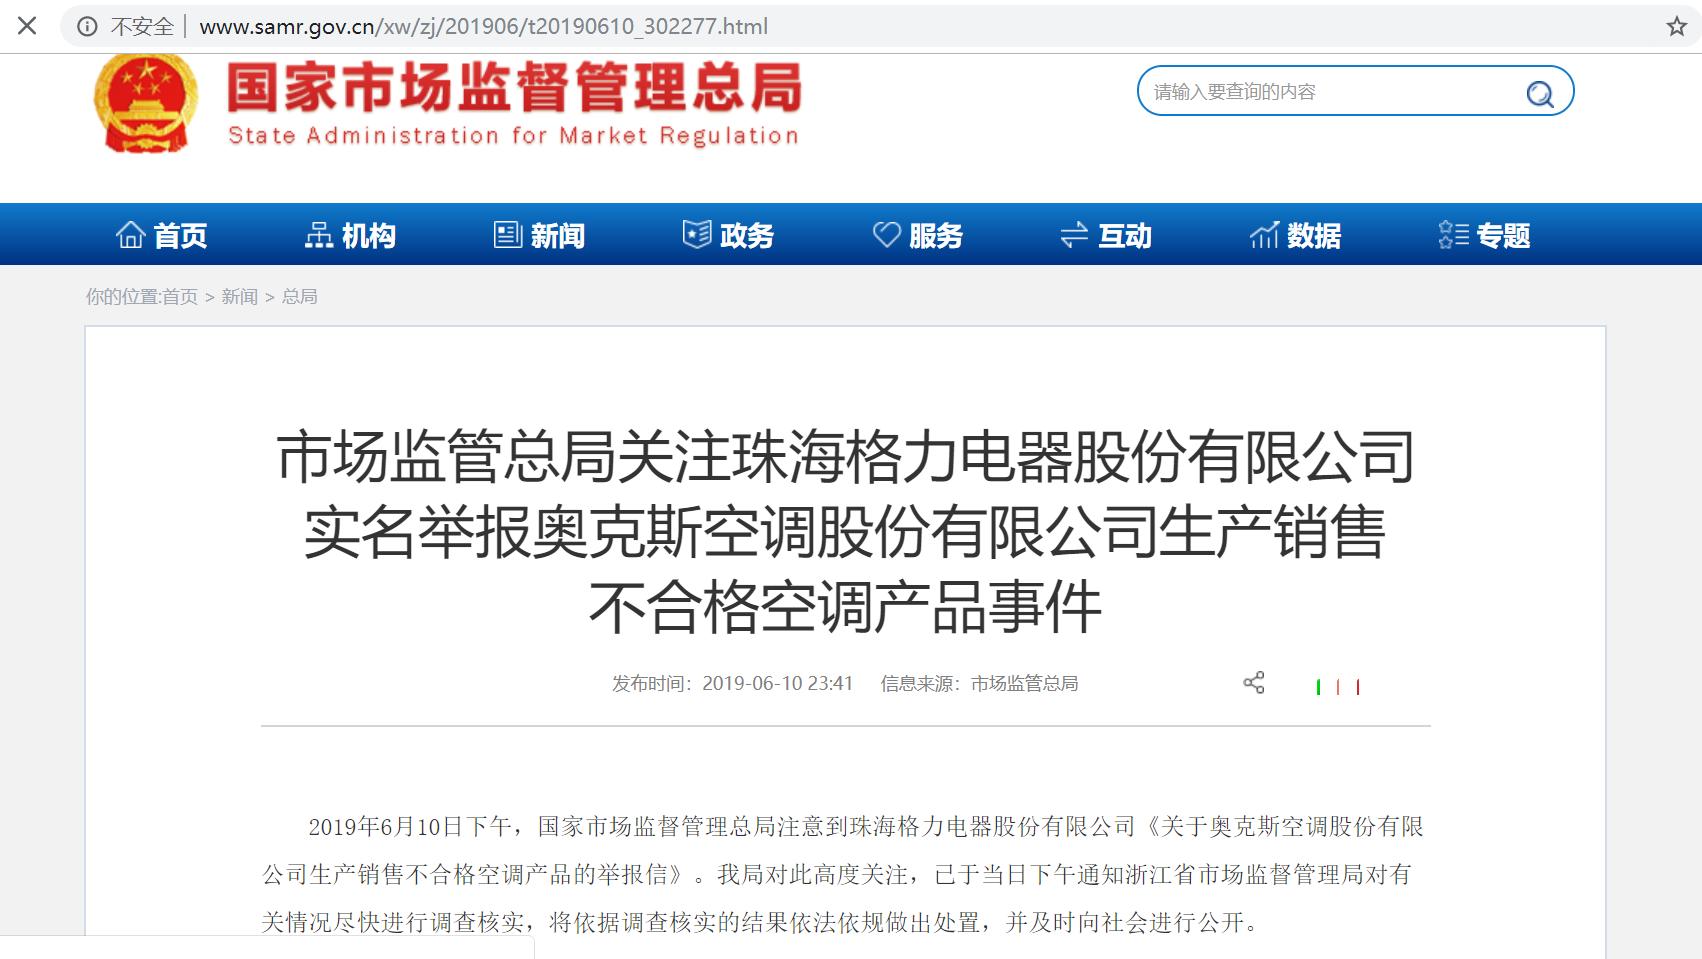 格力举报奥克斯后续,国家市场监督管理总局:已通知浙江省市场监督管理局尽快进行调查核实